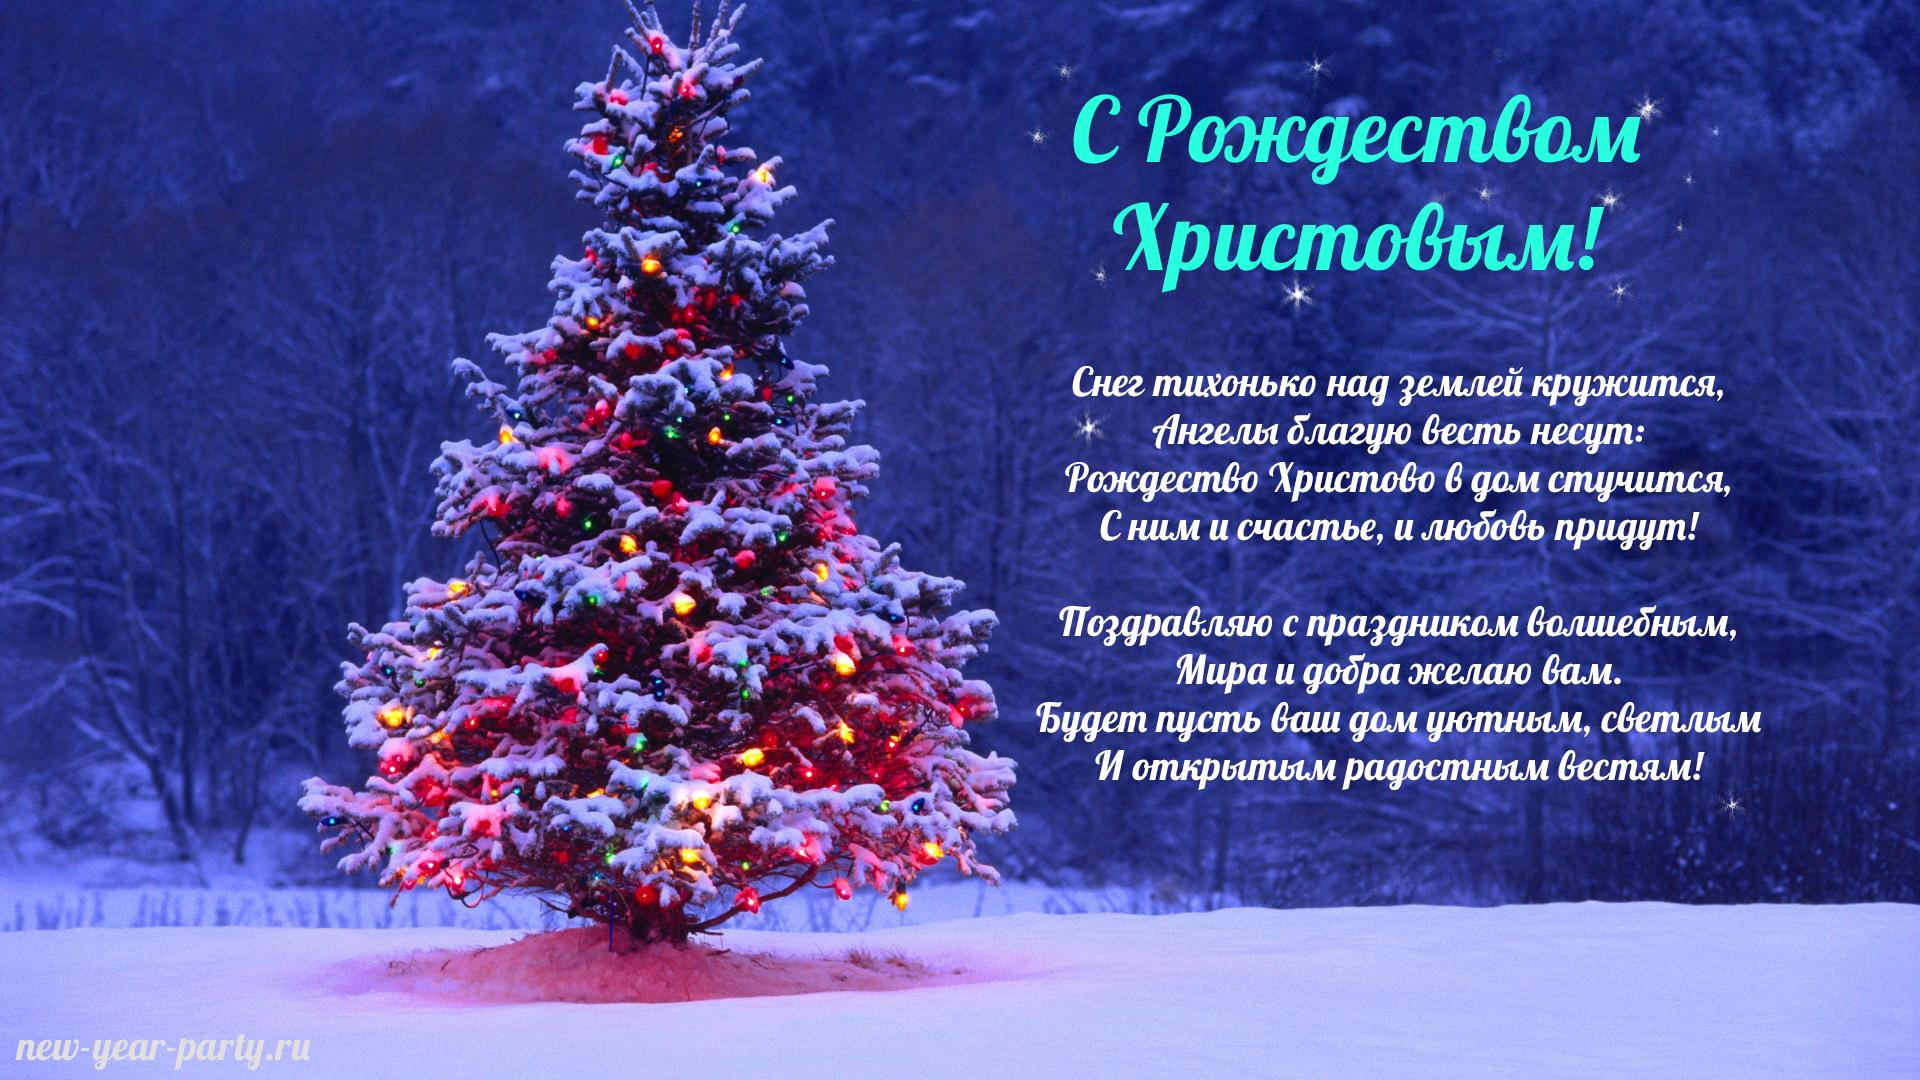 Открытки поздравления коллегам с новым годом и рождеством 2019